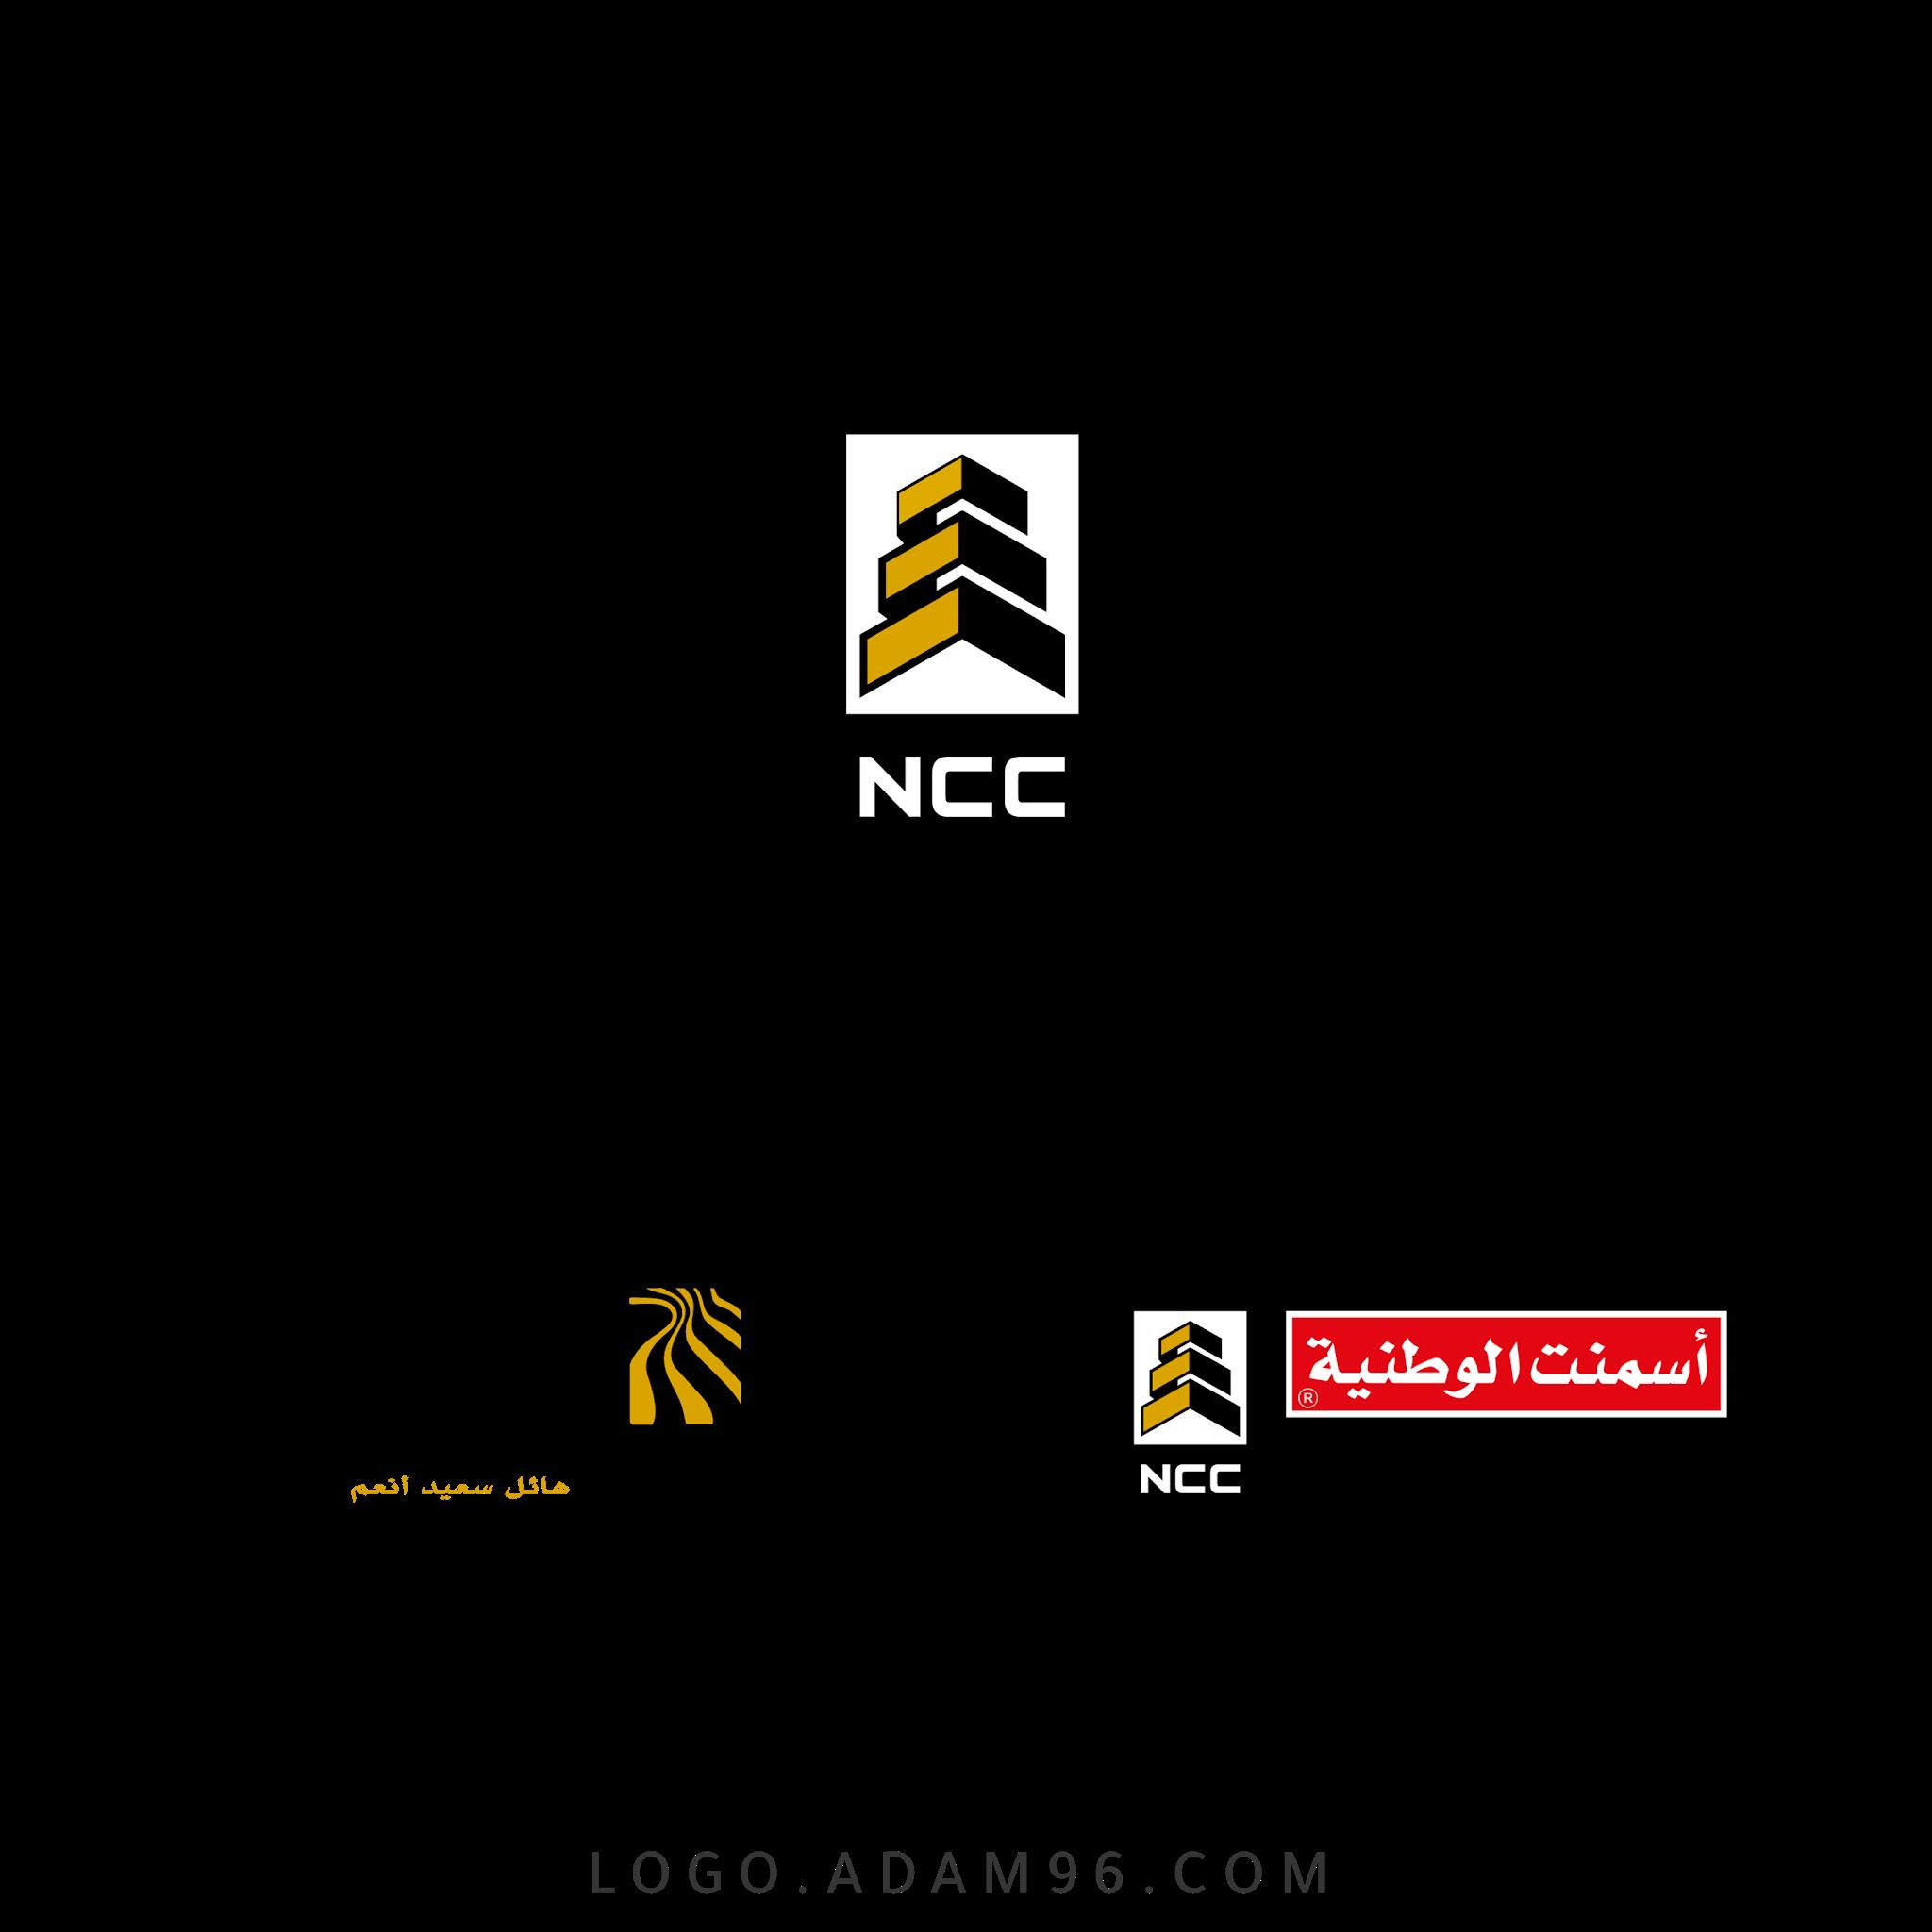 تحميل شعار الشركة الوطنية للأسمنت لوجو عالي الجودة PNG